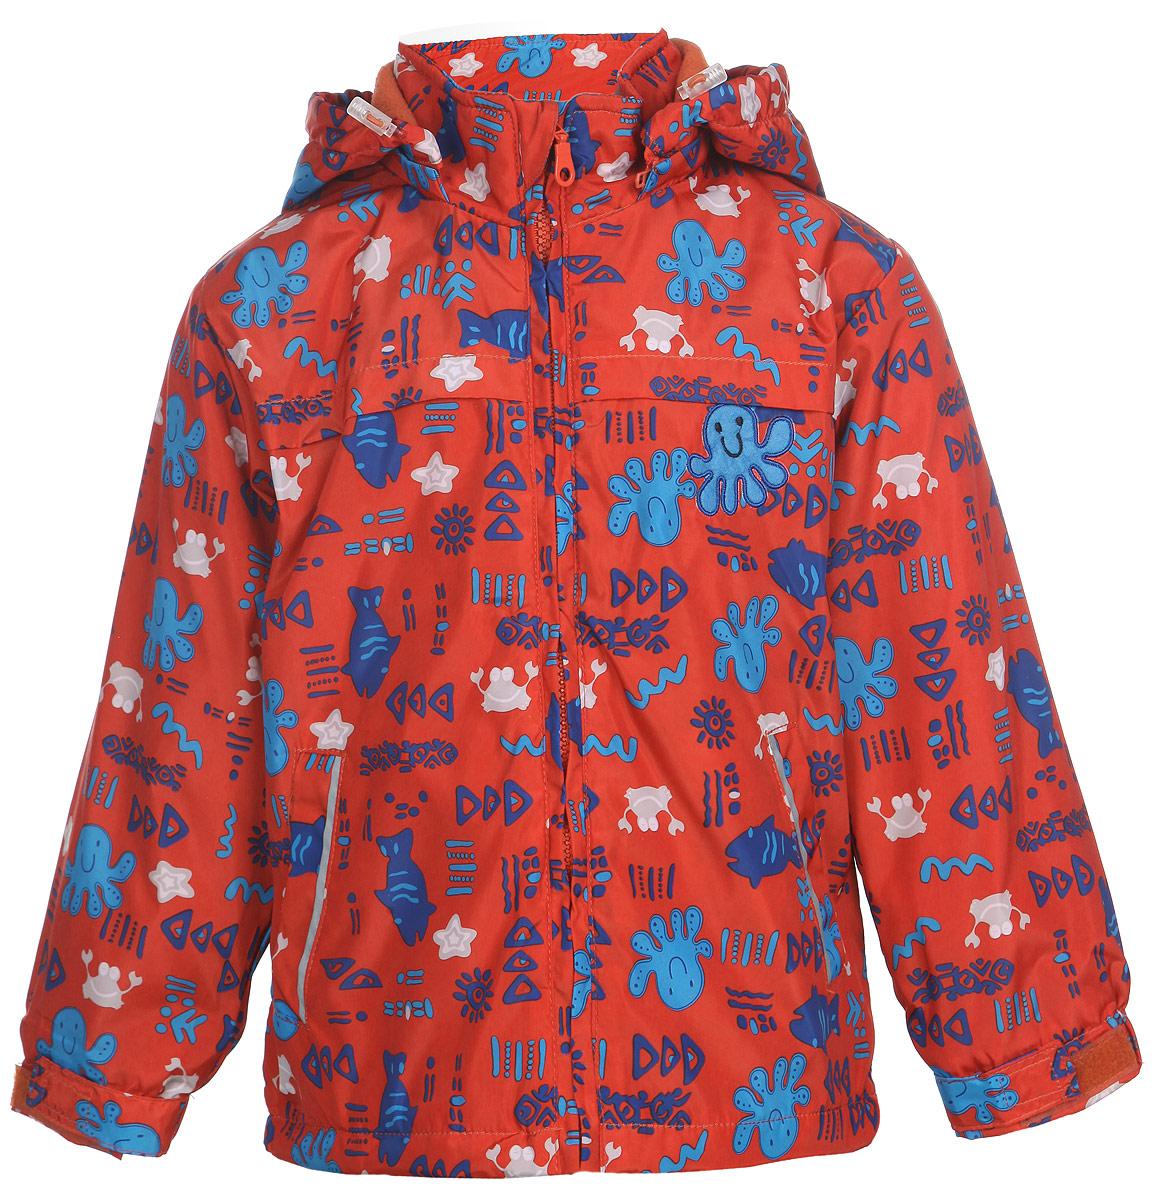 Куртка111600R-31Яркая куртка для мальчика M&D идеально подойдет для ребенка в прохладное время года. Она выполнена из полиэстера и дополнена мягкой и теплой флисовой подкладкой. Куртка с воротником-стойкой застегивается на удобную застежку-молнию. Съемный капюшон фиксируется при помощи молнии, его объем регулируется при помощи скрытого эластичного шнурка со стопперами. Рукава оснащены широкими эластичными резинками, не стягивающими запястья, и хлястиками на липучках. Низ модели дополнен скрытым эластичным шнурком со стопперами. По бокам куртка дополнена двумя прорезными кармашками. Куртка оформлена красочным принтом с изображением морских животных и дополнена светоотражающими полосками на карманах и на спинке. В такой куртке ваш маленький мужчина будет чувствовать себя комфортно, уютно и всегда будет в центре внимания!